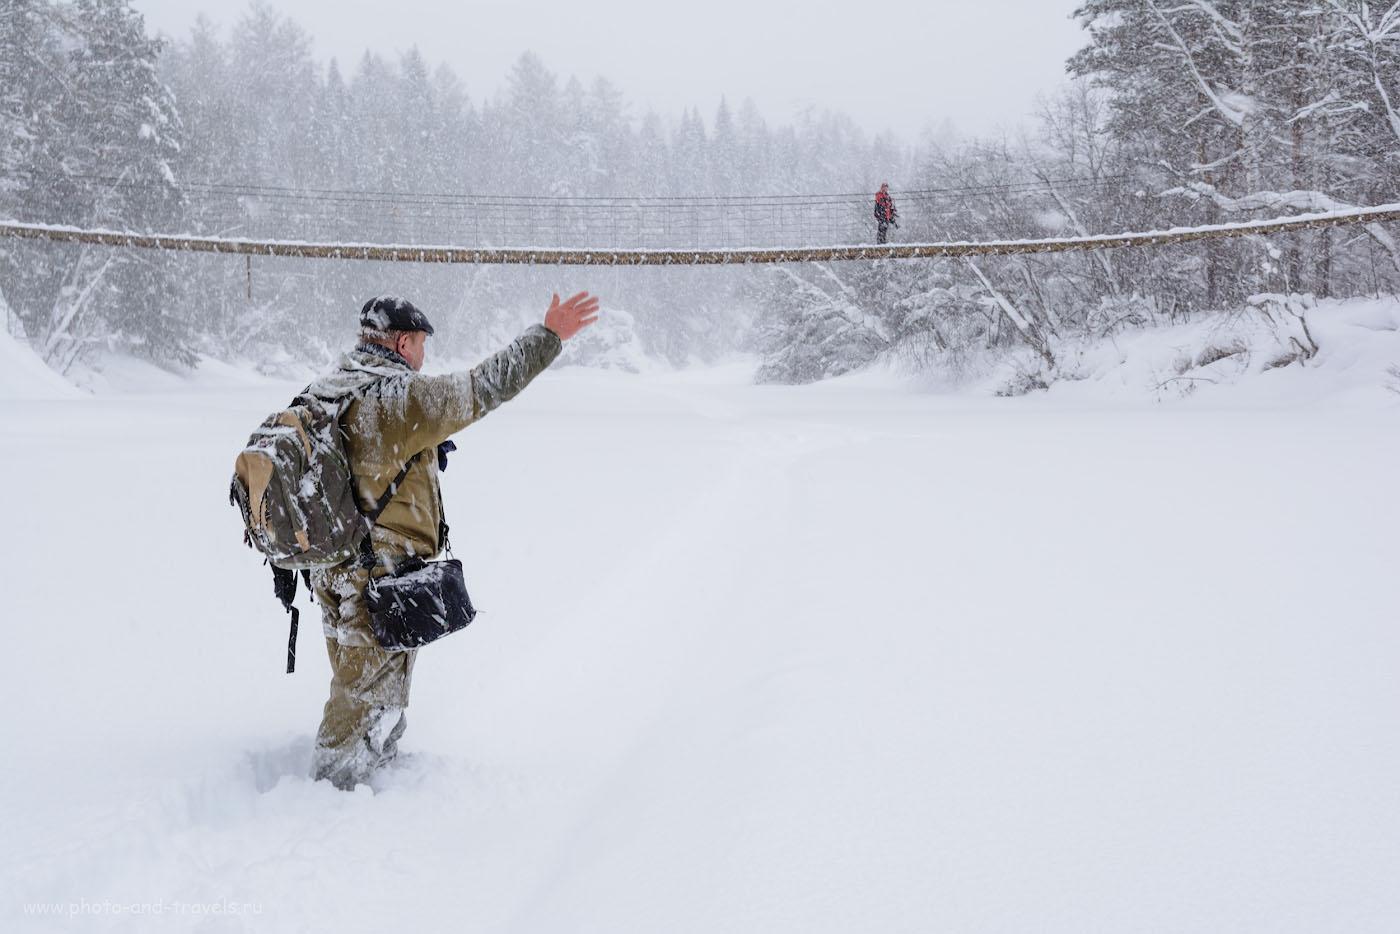 """14. Вид на подвесной мост (Мишкин мост) через реку Серга у скалы Карстовый мост в парке """"Оленьи ручьи"""". Во время снегопада в январе здесь было чудесно."""